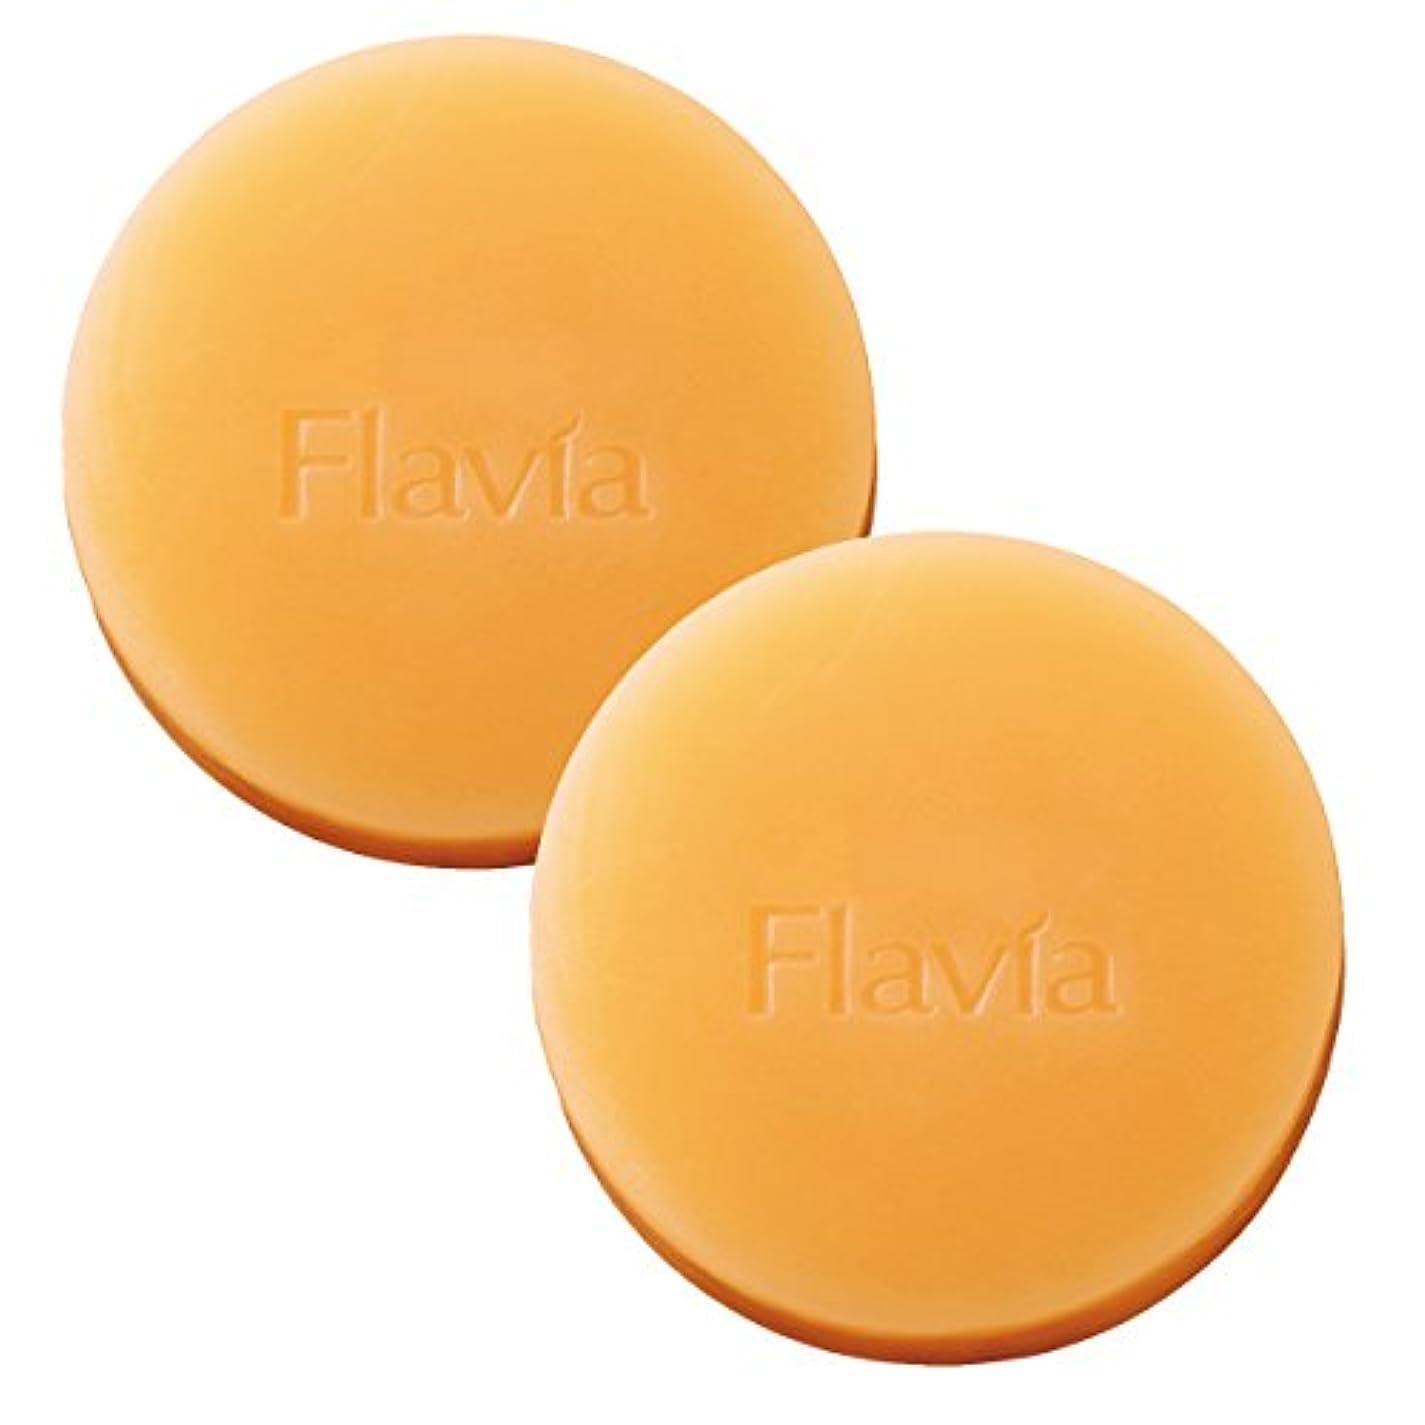 前一次簡略化するフォーマルクライン 薬用 フラビア ソープ 夜用 2個セット 洗顔 石けん